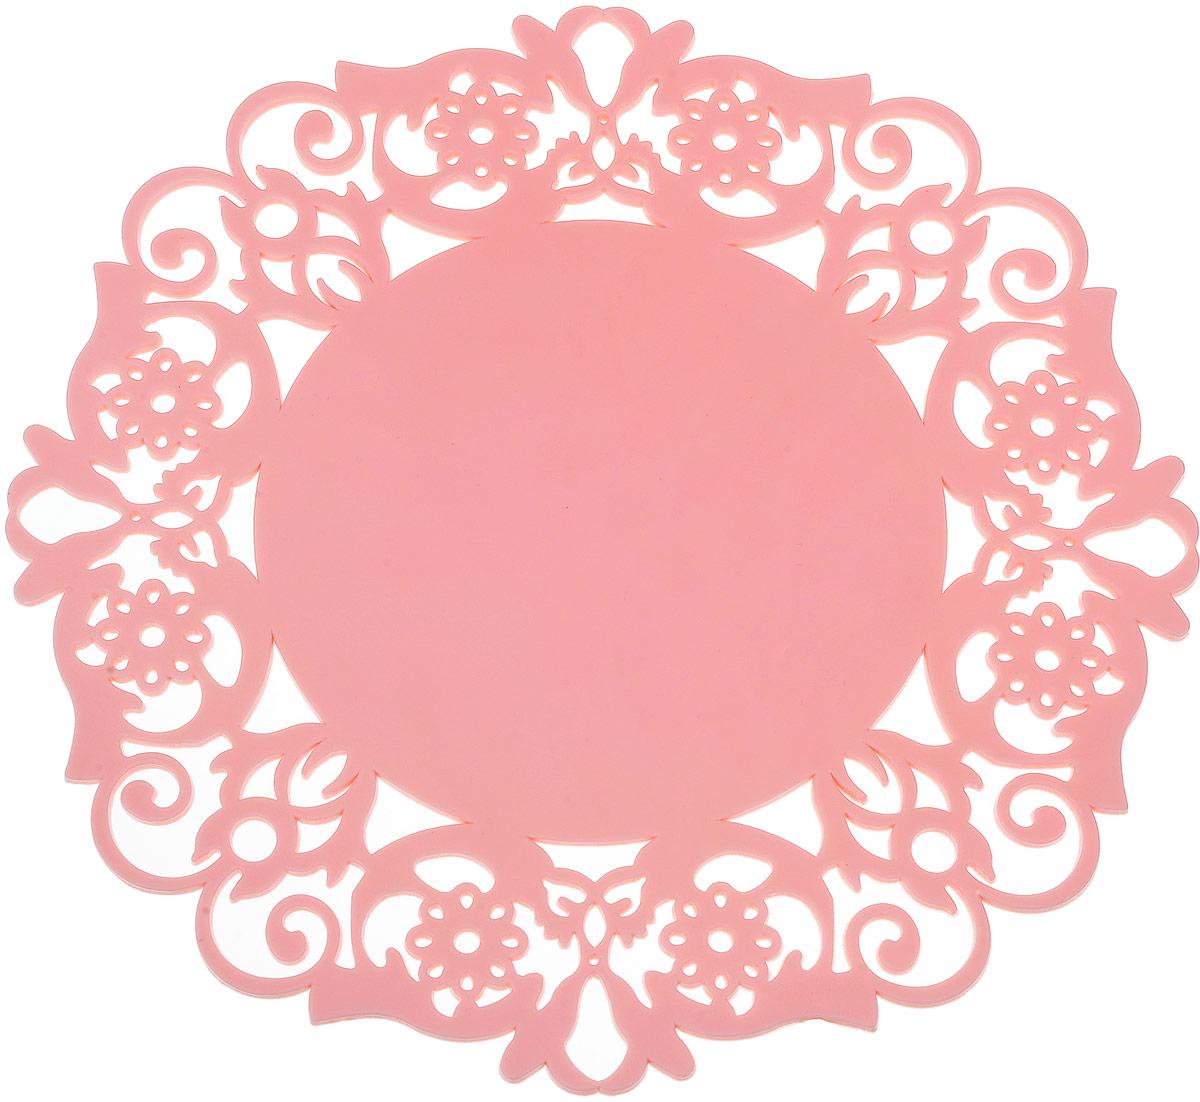 Подставка под горячее Доляна Чаепитие, цвет: розовый, 20 см812071_розовыйСиликоновая подставка под горячее — практичный предмет, который обязательно пригодится в хозяйстве. Изделие поможет сберечь столы, тумбы, скатерти и клеёнки от повреждения нагретыми сковородами, кастрюлями, чайниками и тарелками.